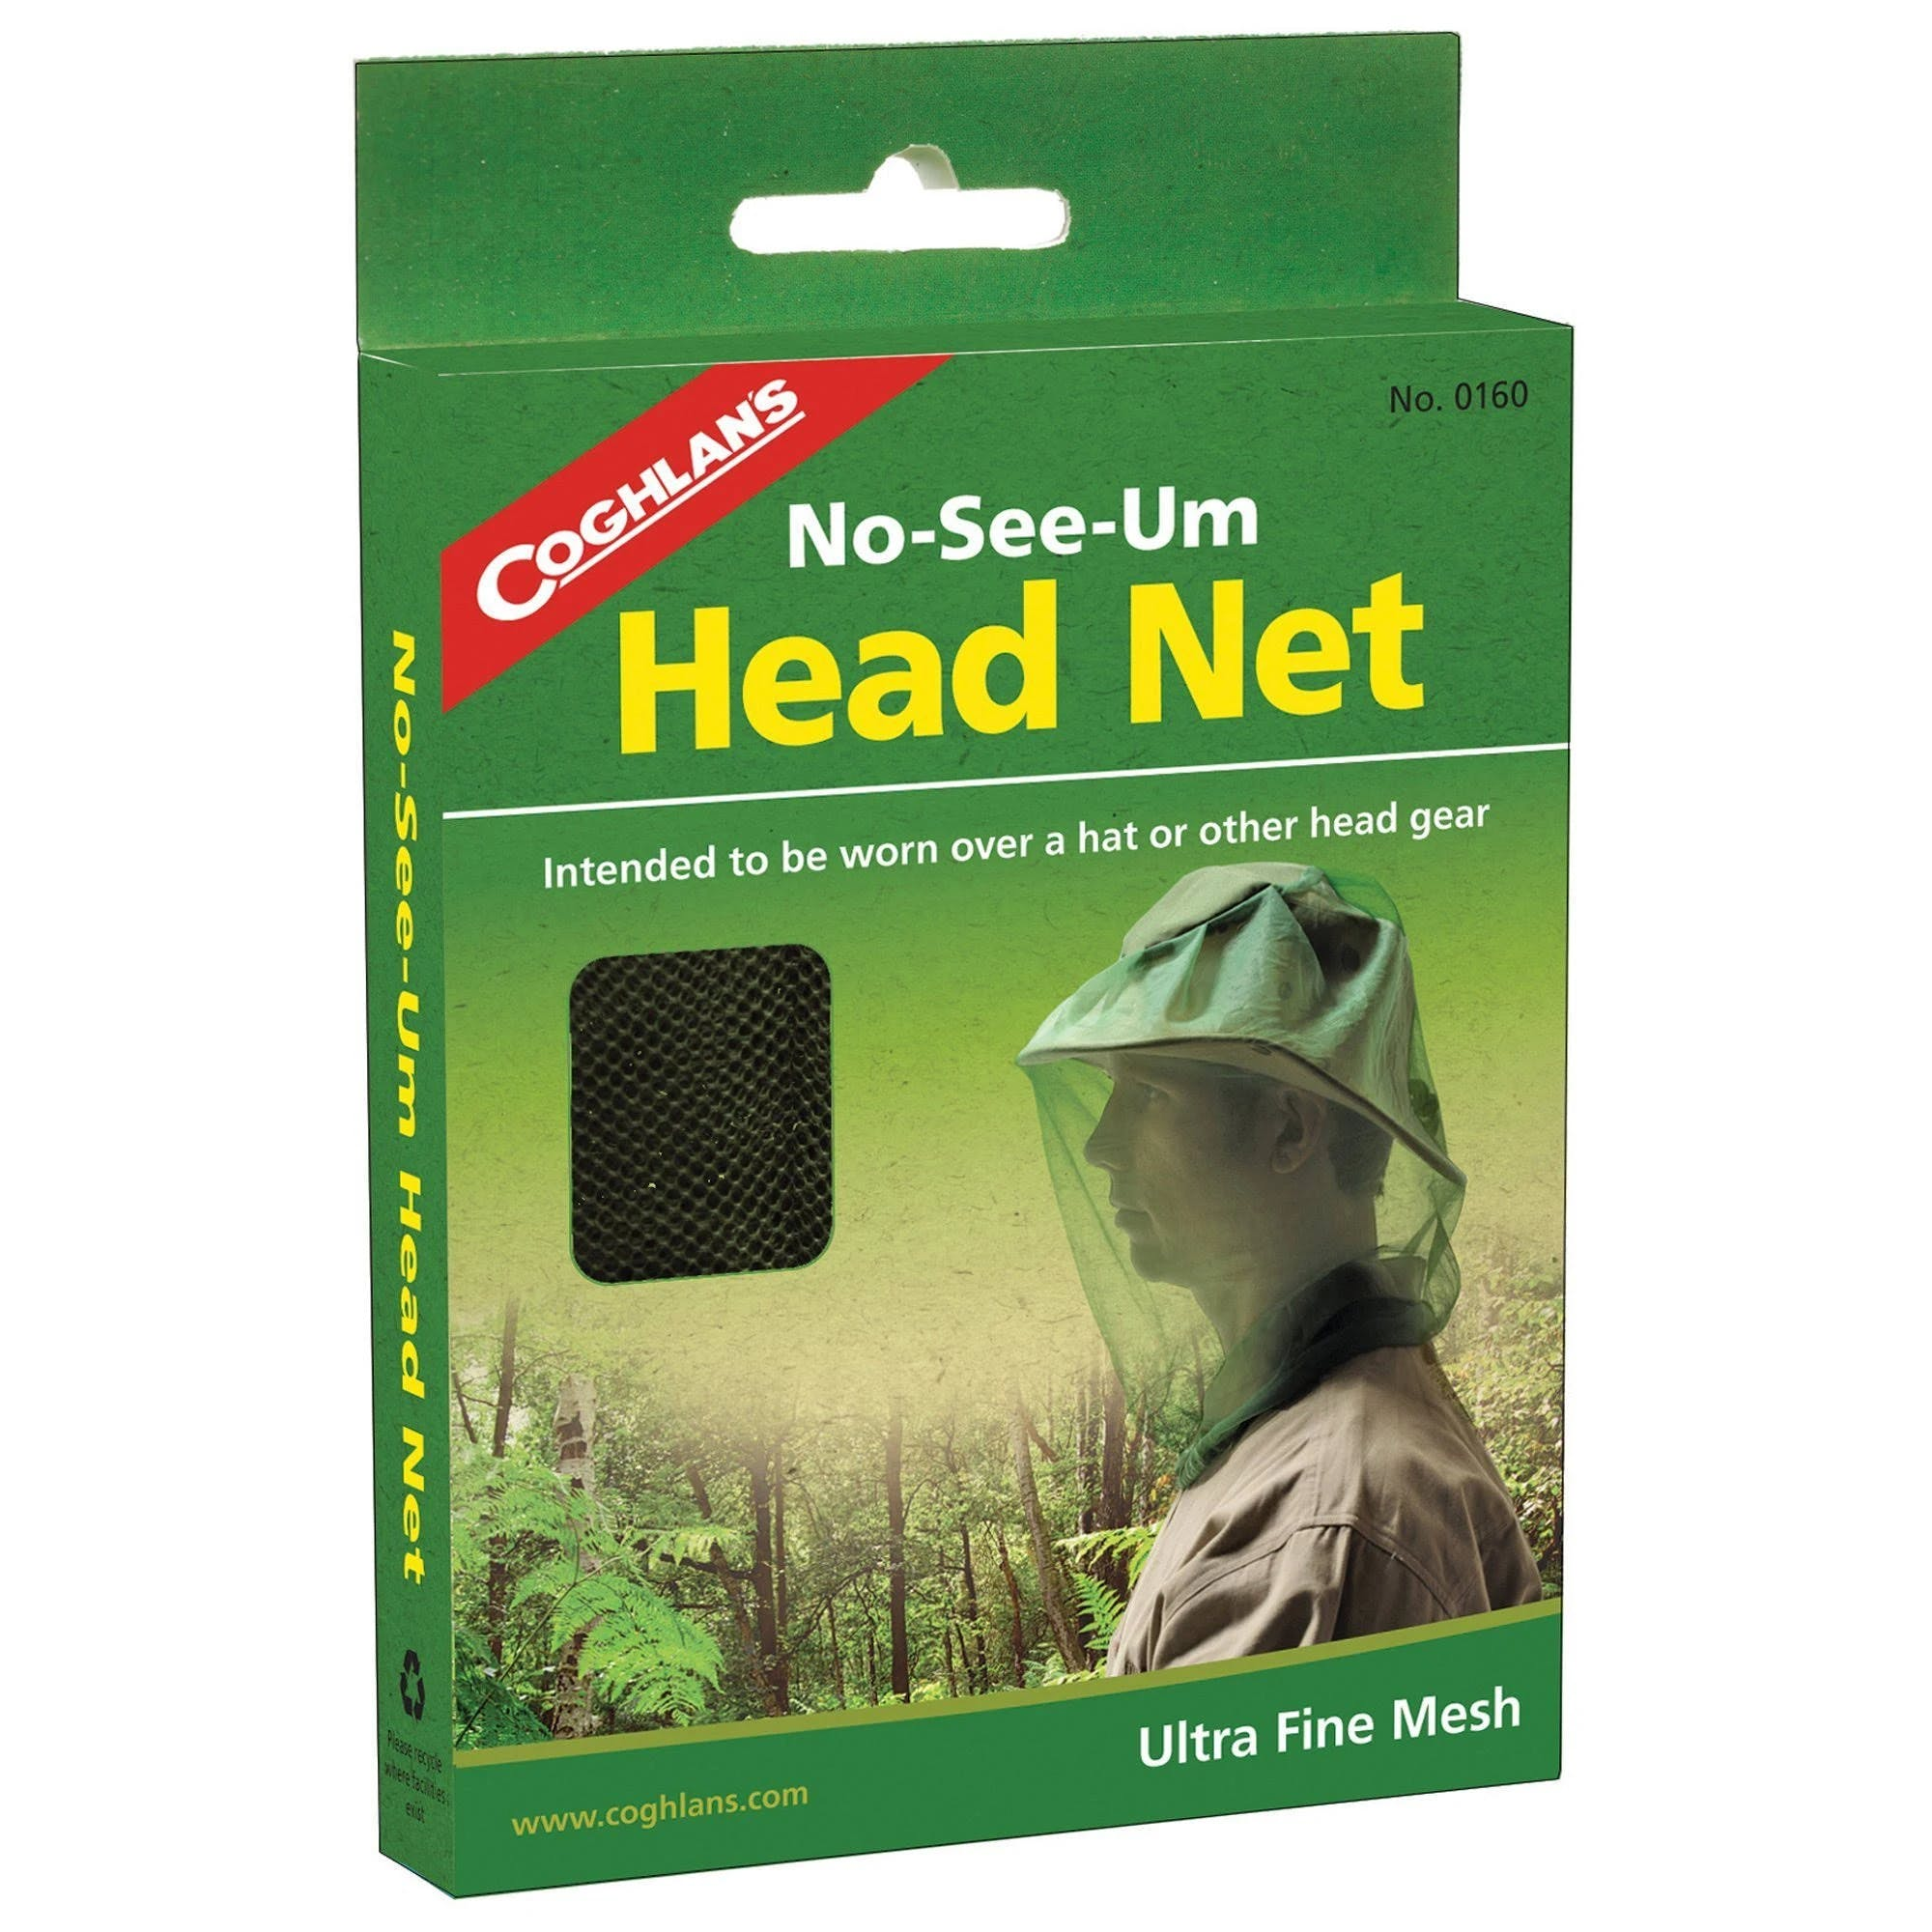 Head Net - No-See-Um